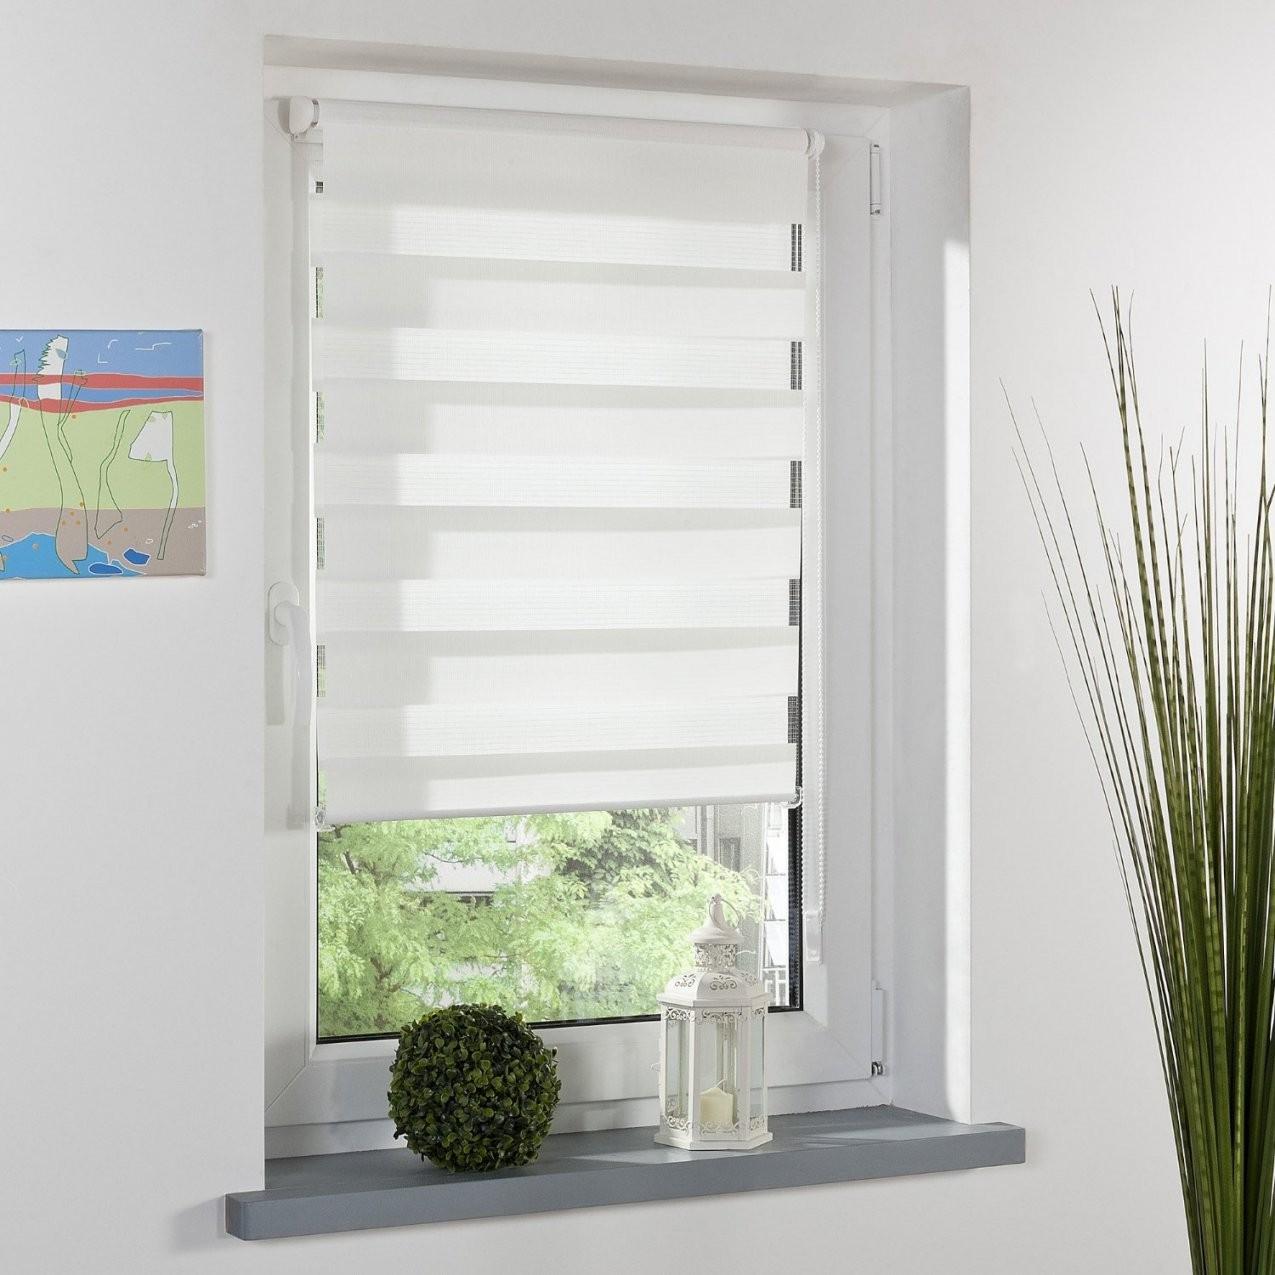 Fenster Rollos Ohne Bohren  Top 6 In Der Vergleichsübersicht von Fenster Rollos Aus Stoff Photo